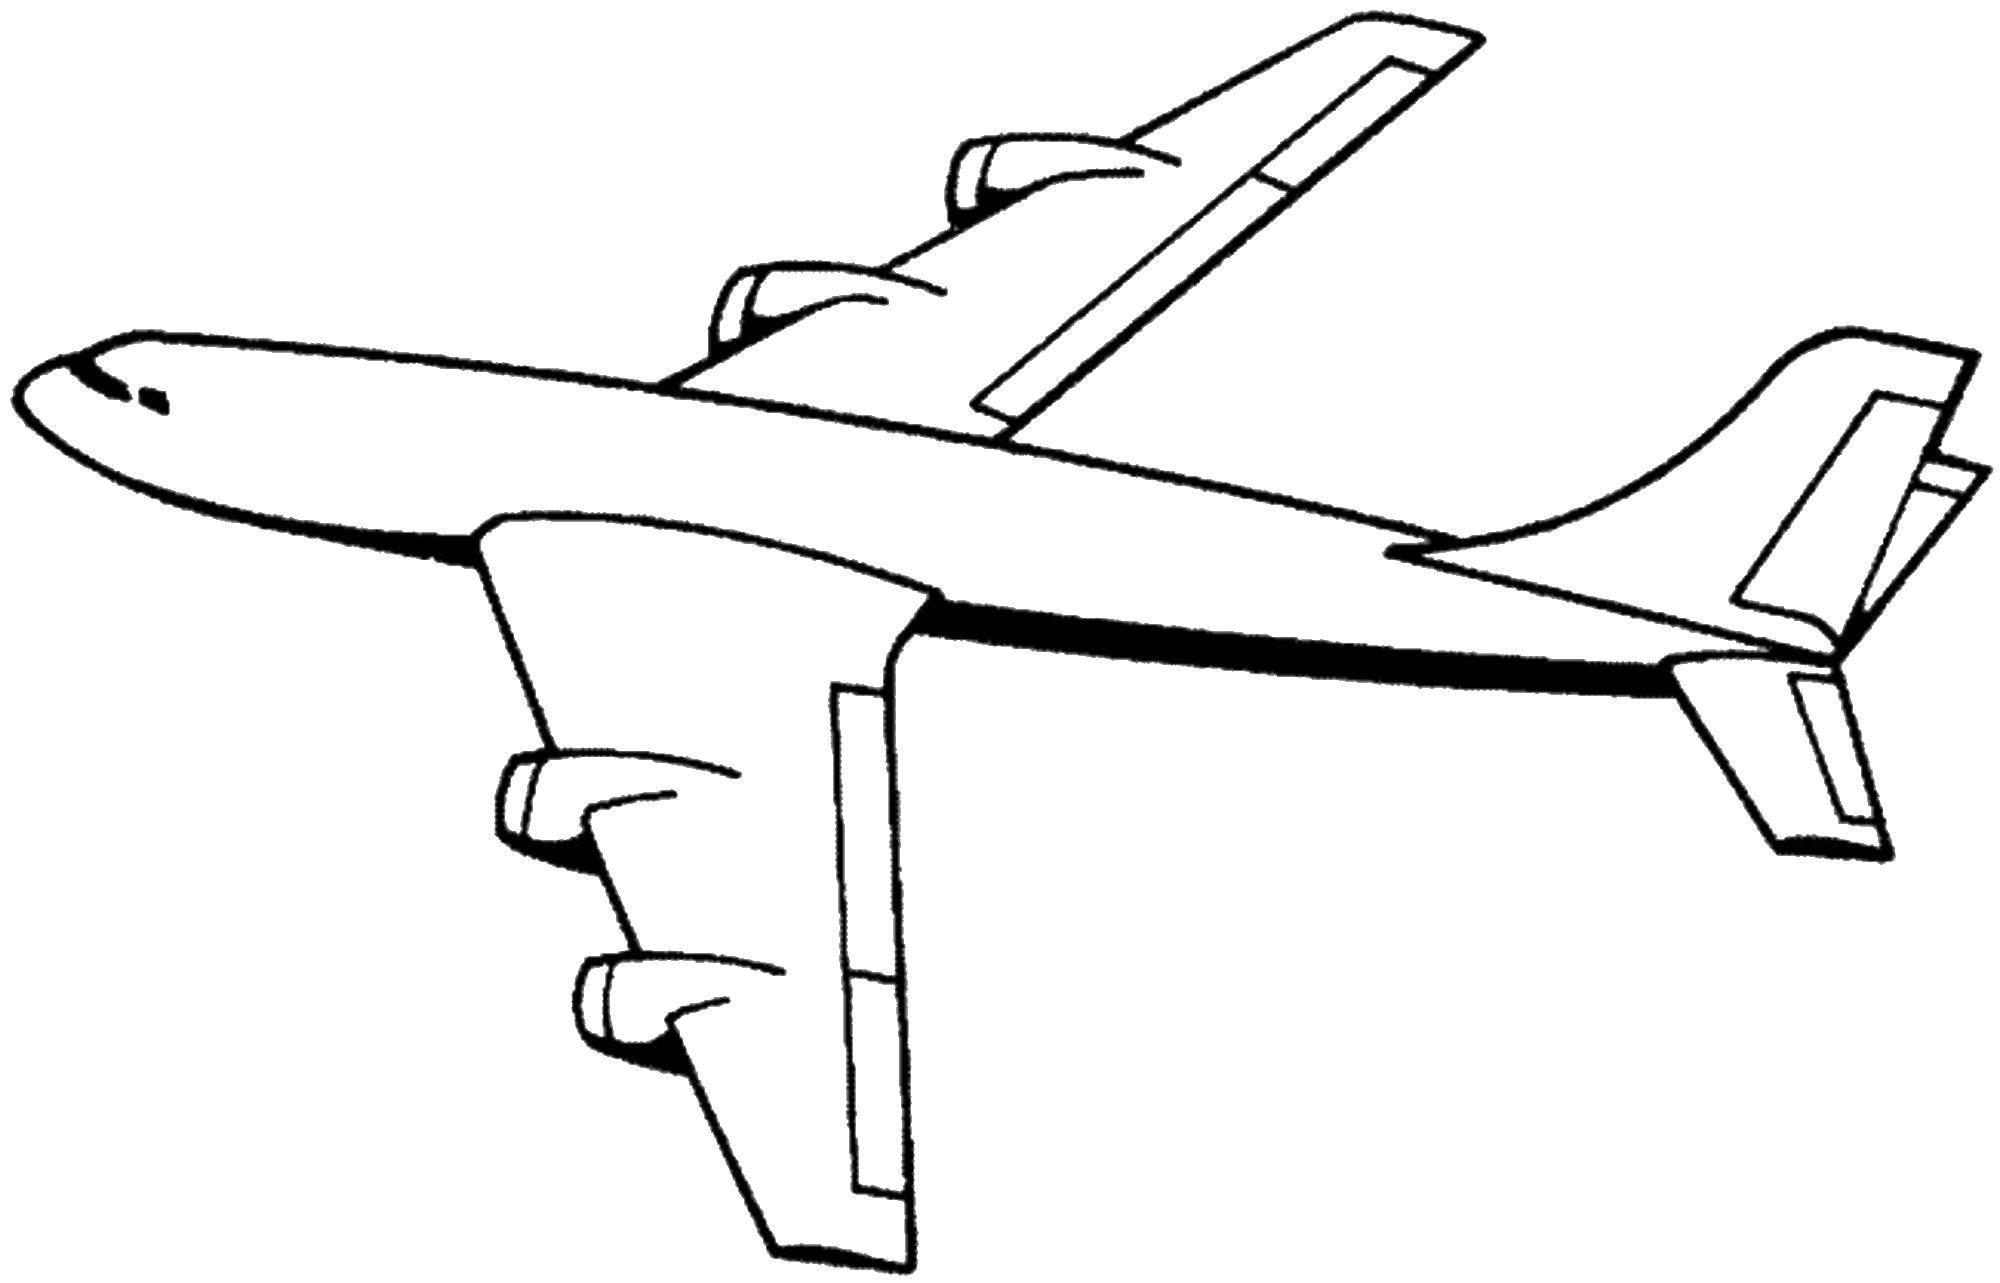 этого, самолет черно белый рисунок нас